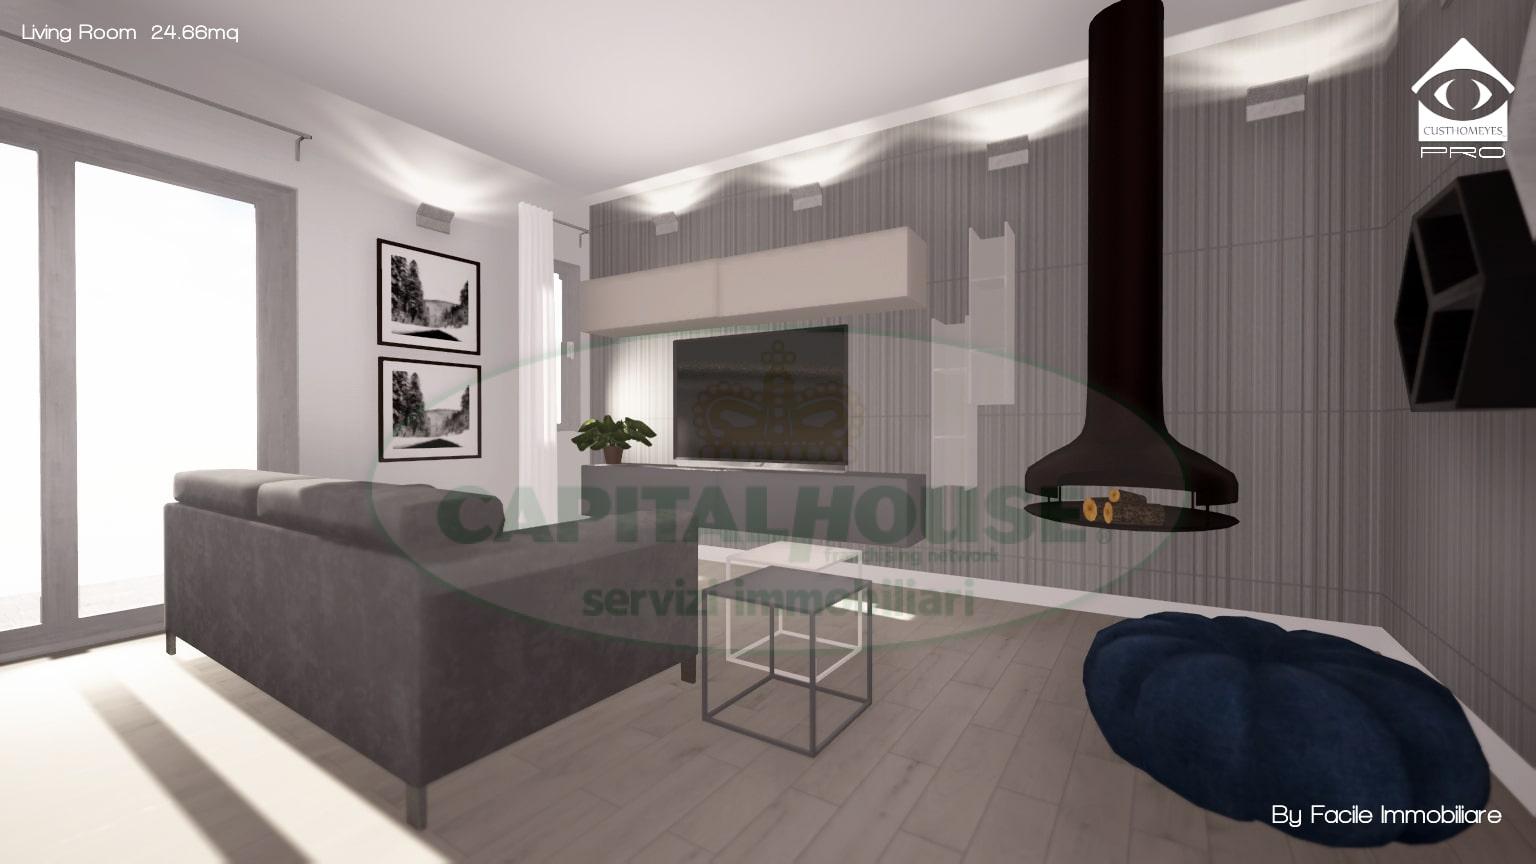 Appartamento in vendita a Capua, 3 locali, prezzo € 99.000 | CambioCasa.it